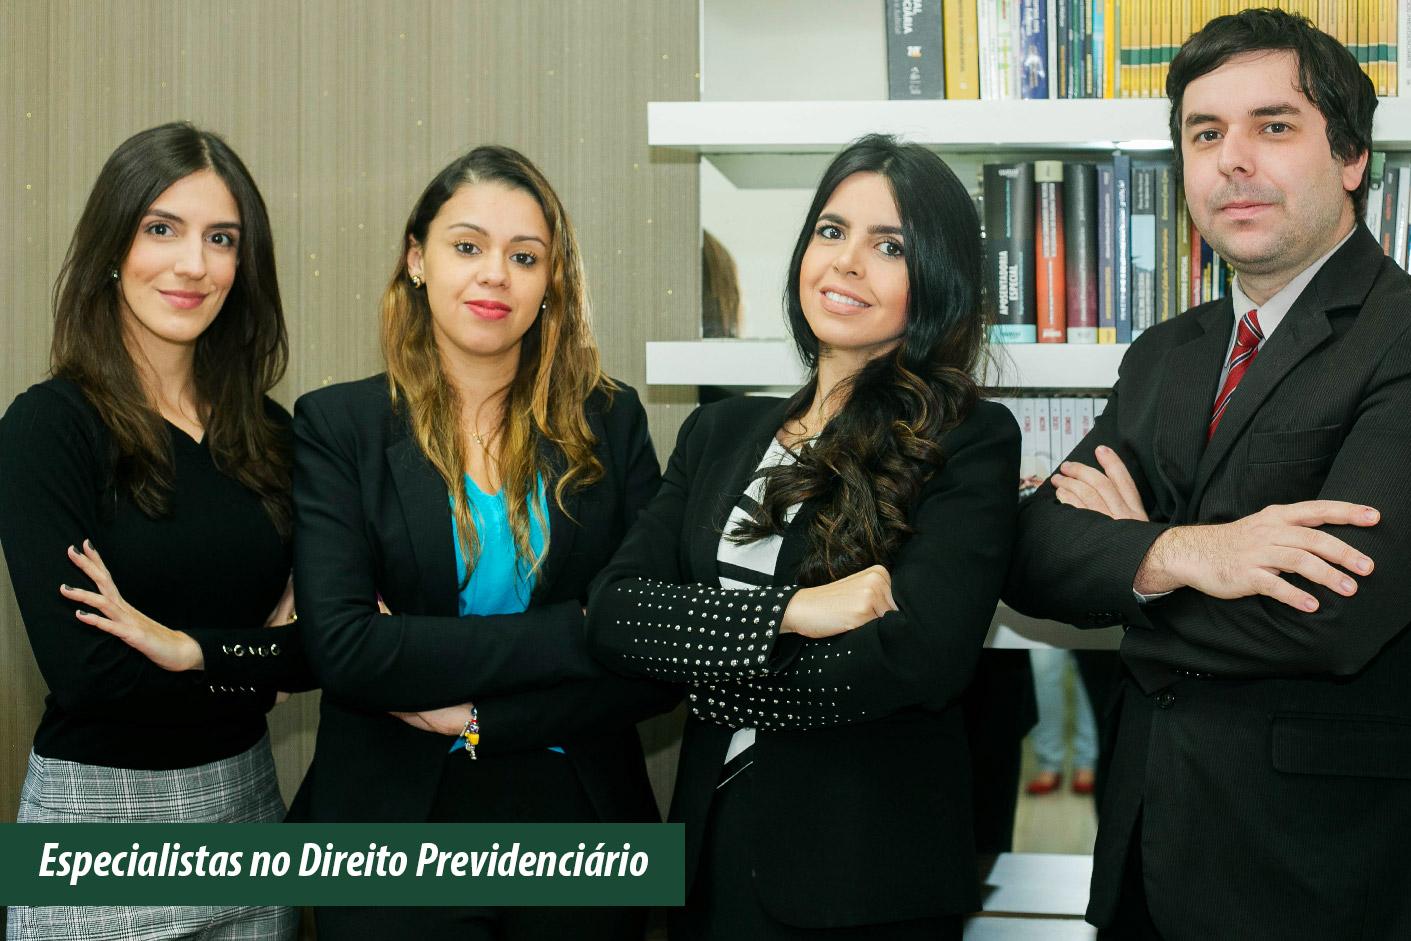 Especialistas no Direito Previdenciário.